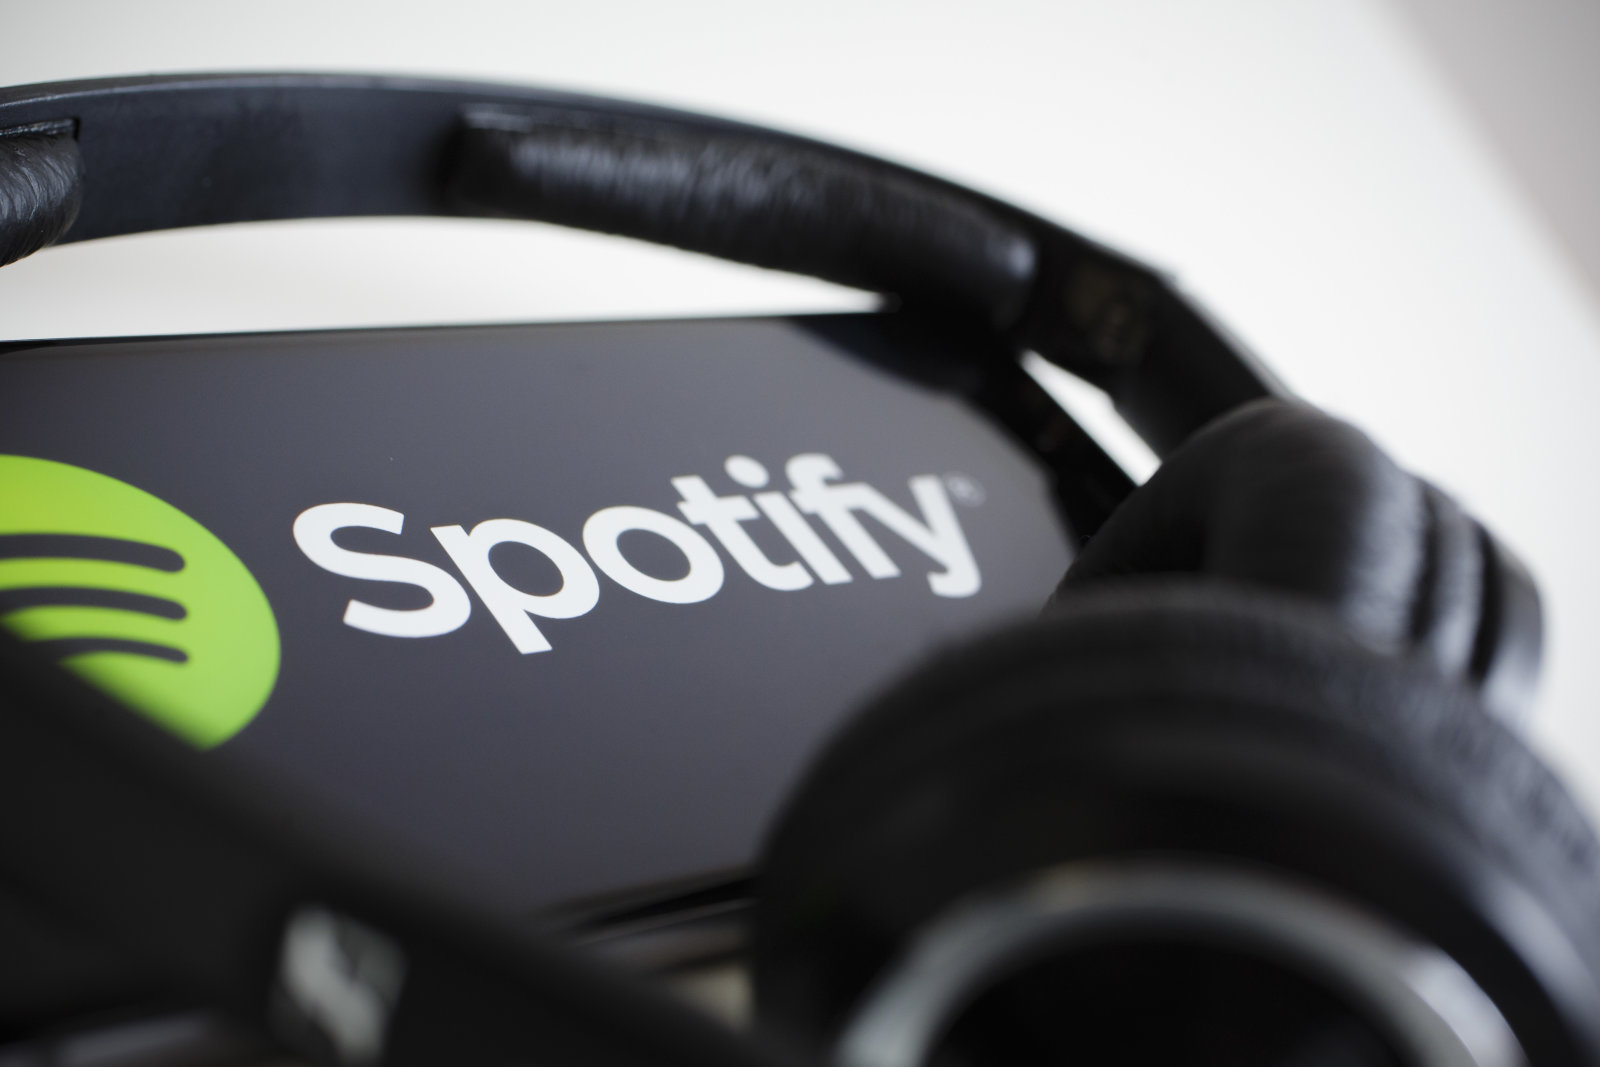 spotify_earpods.jpg